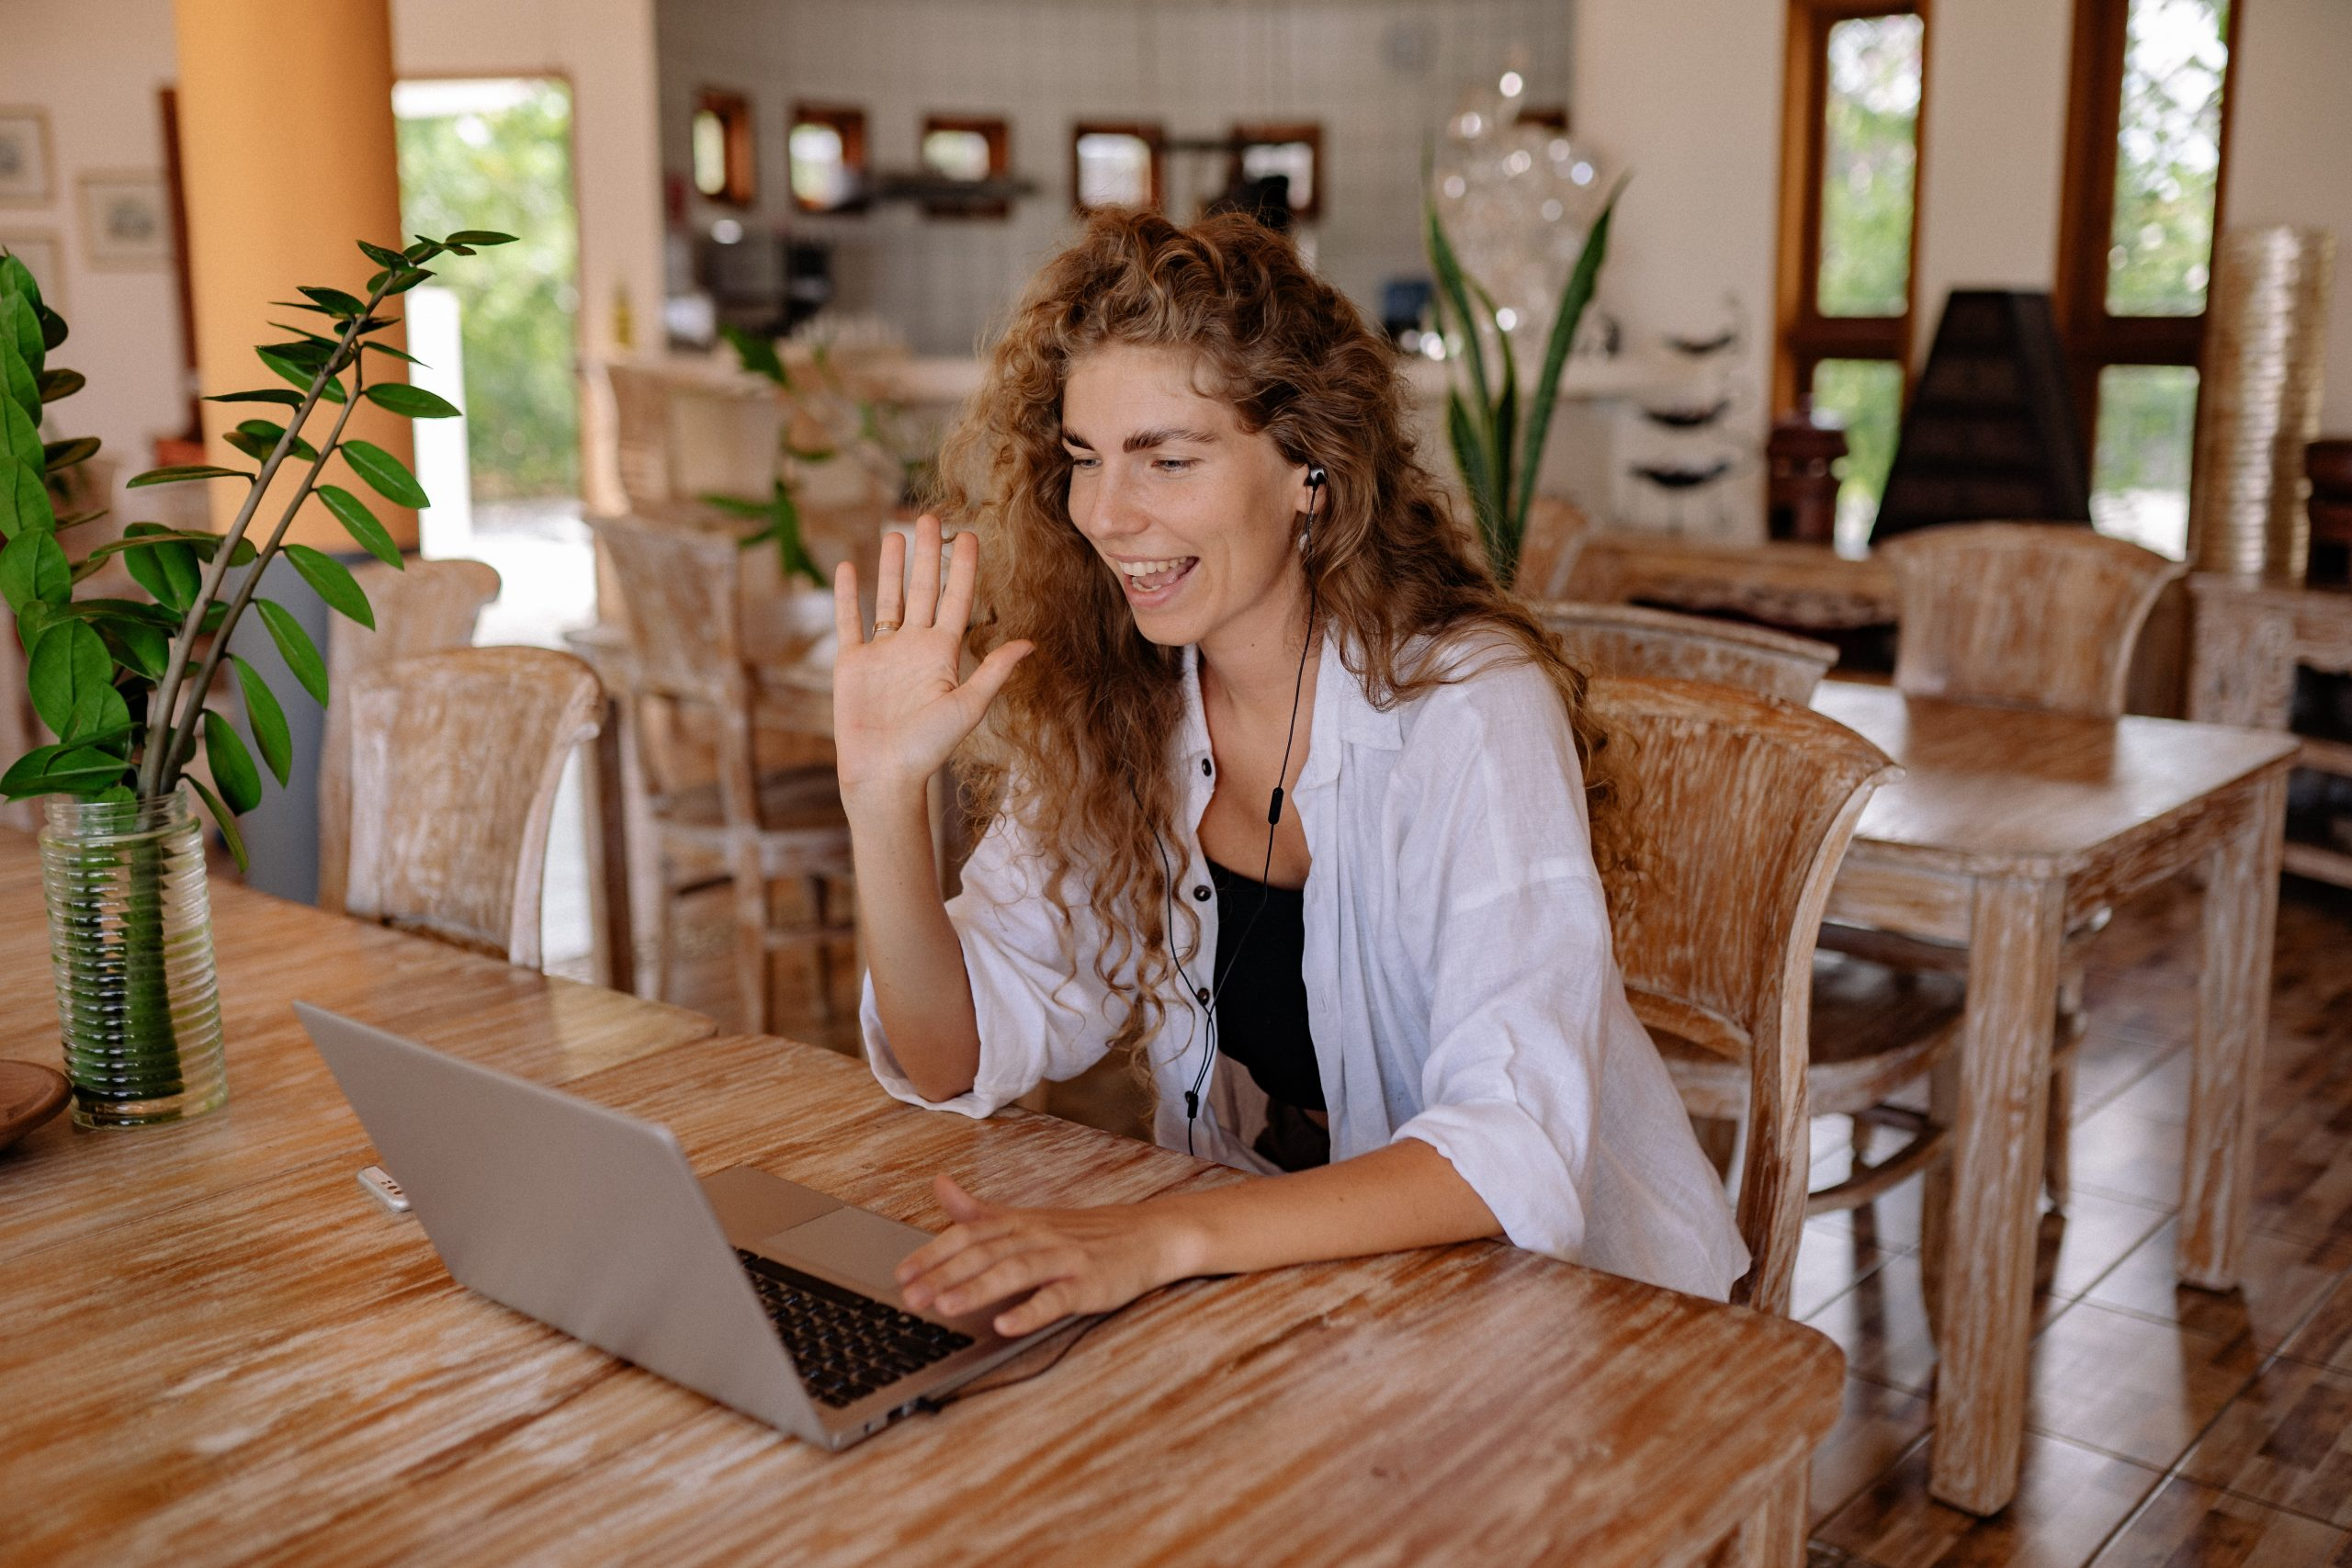 mulher usando um notebook Acer em videoconferência